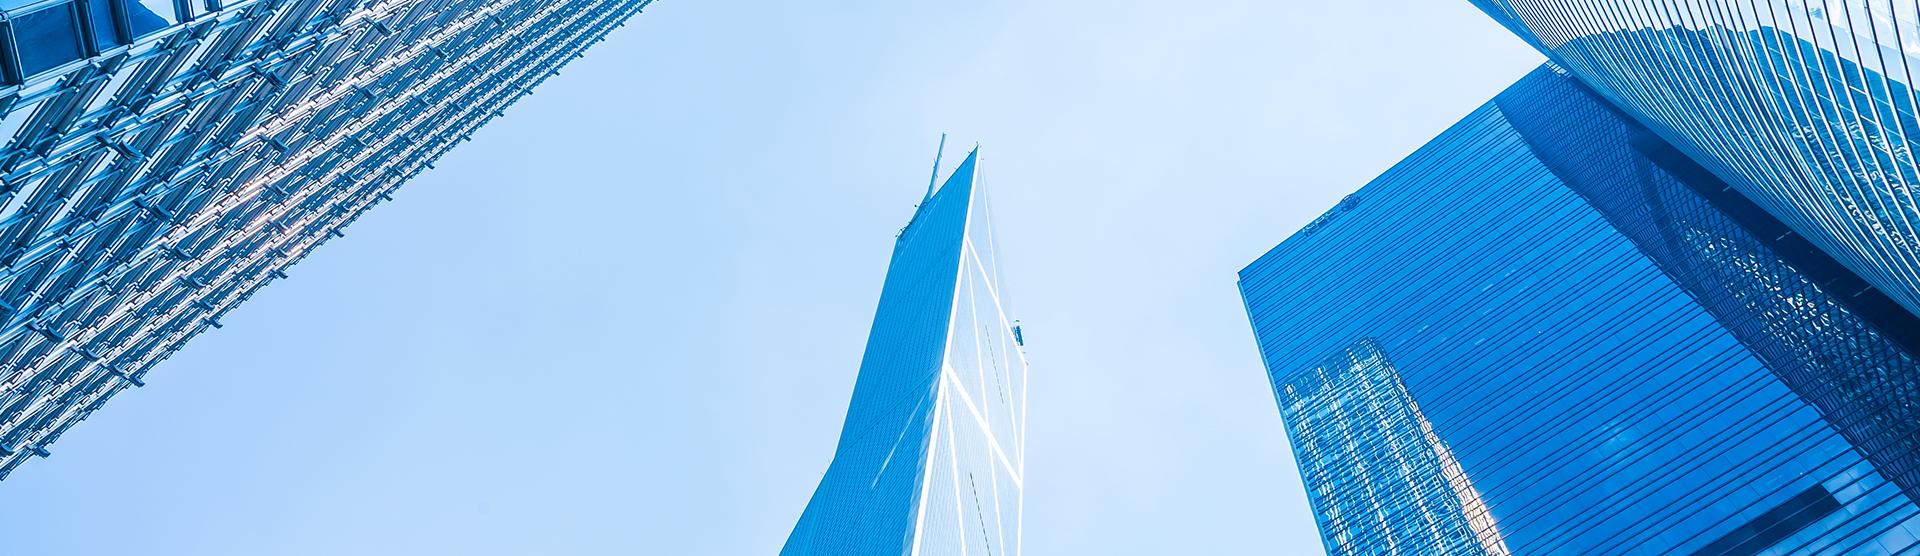 威海市威波渔具有限公司